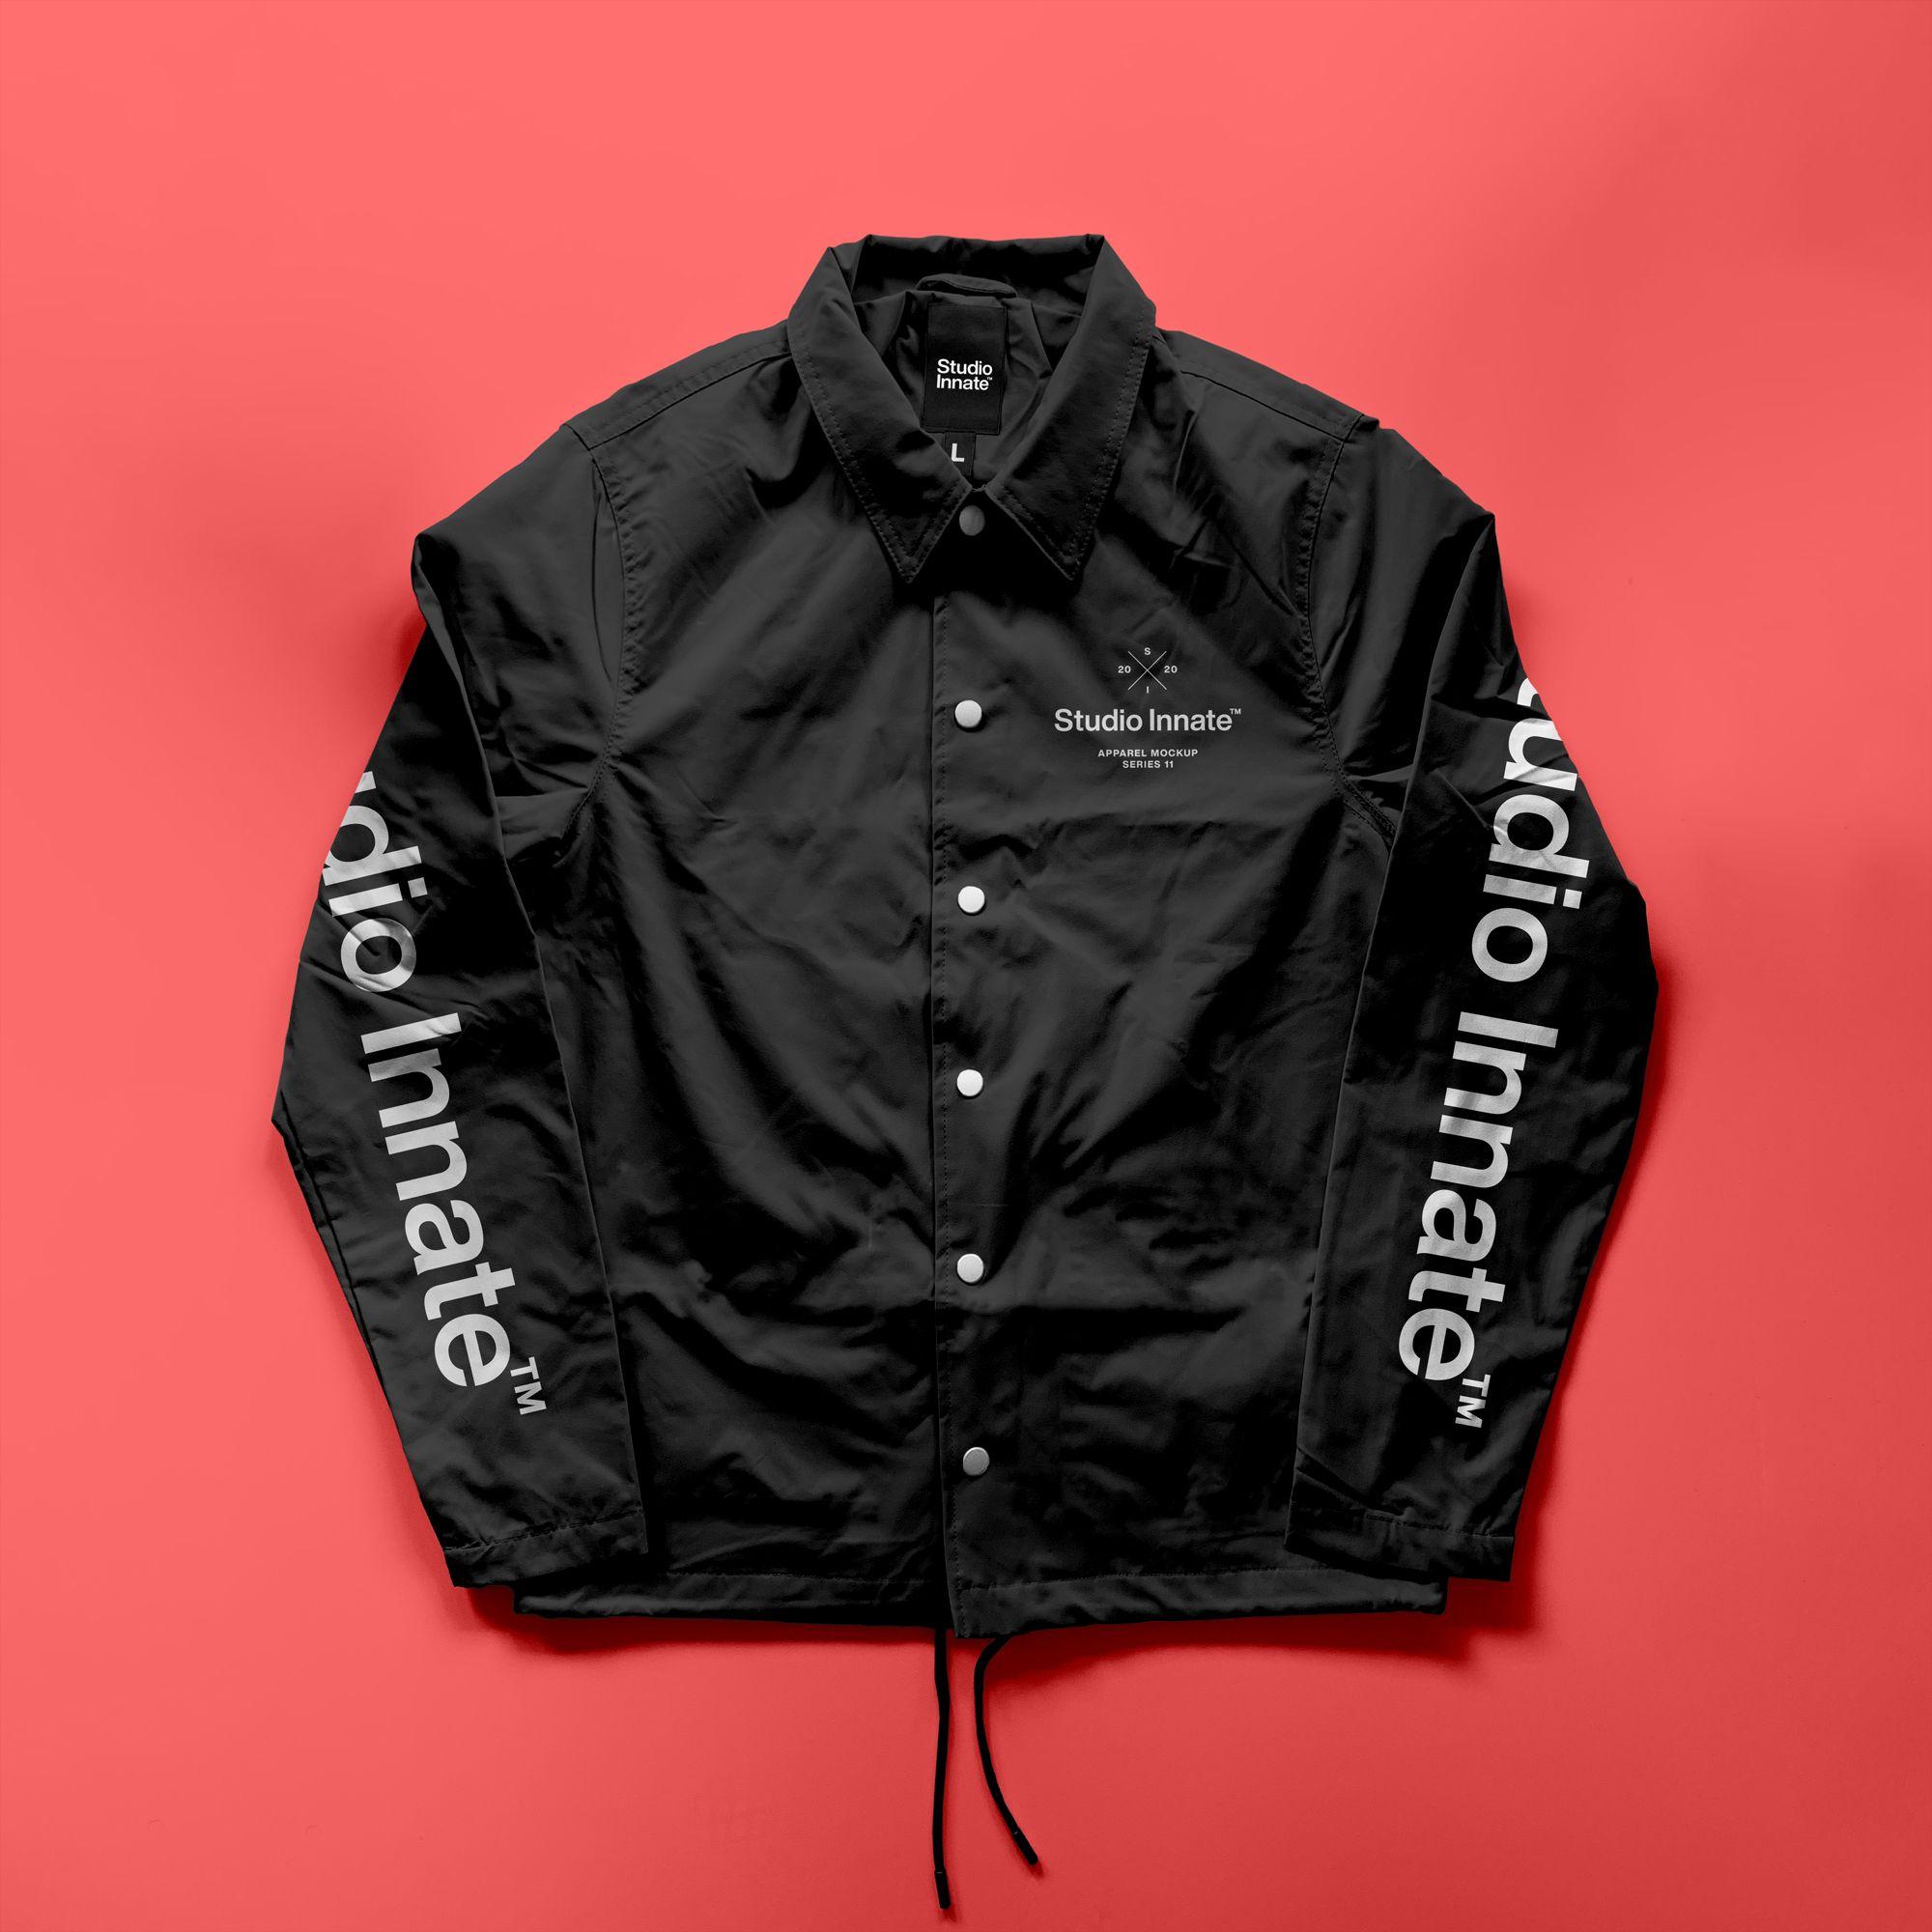 教练长袖夹克衫设计展示样机模板合集 Coach Jacket – Mockup Bundle插图(5)